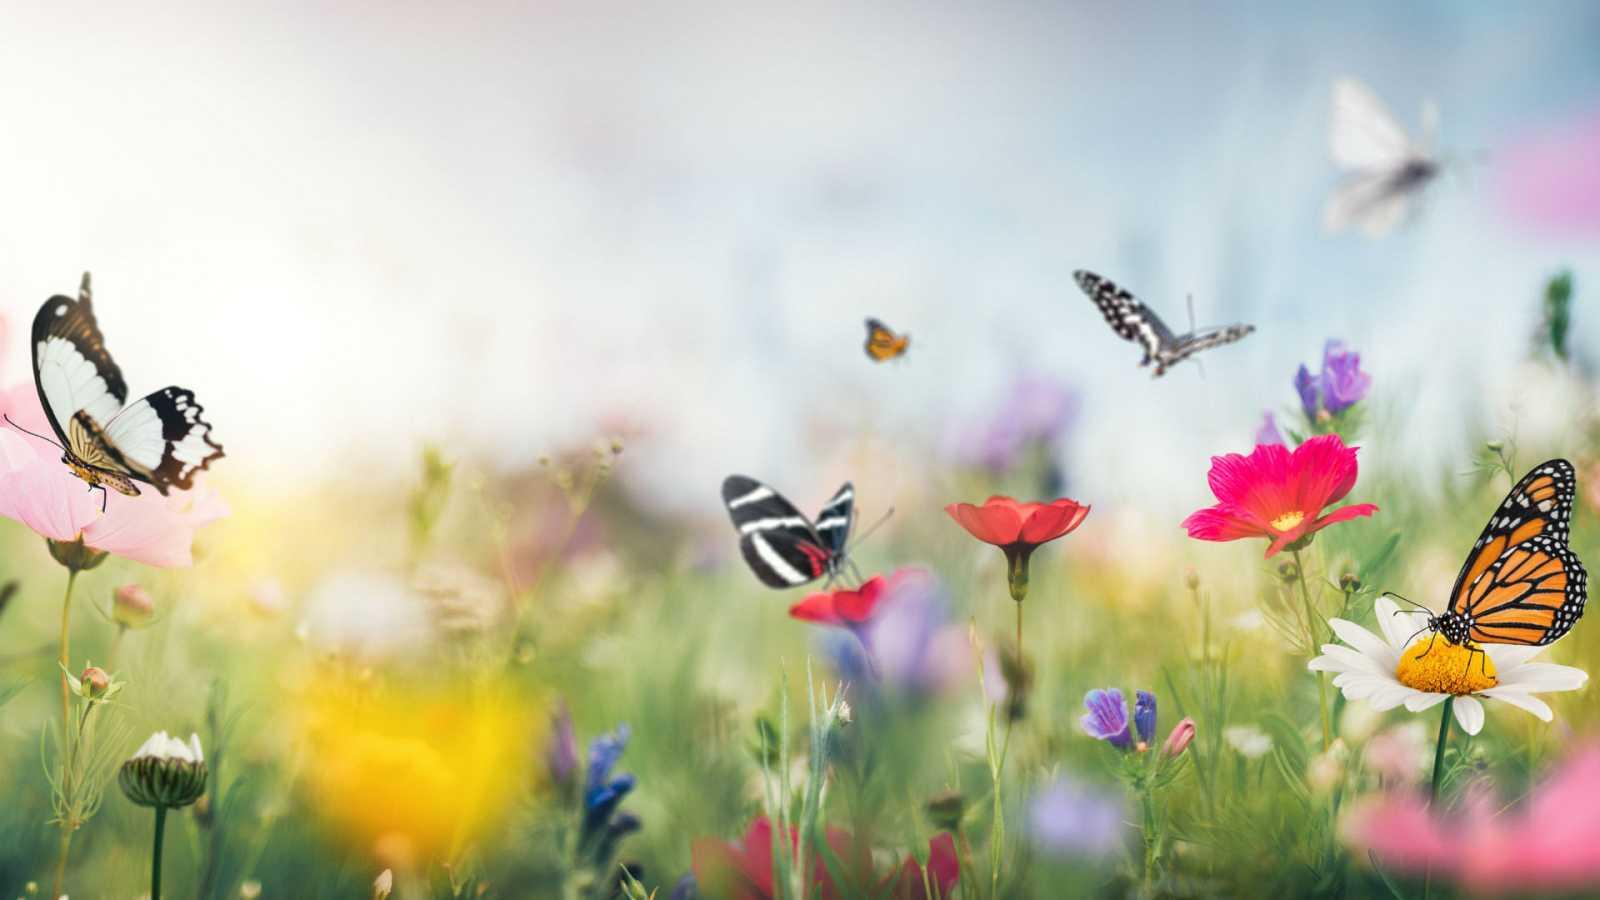 Planeta vivo - El confinamiento nos trae más mariposas - 04/11/20 - Escuchar ahora